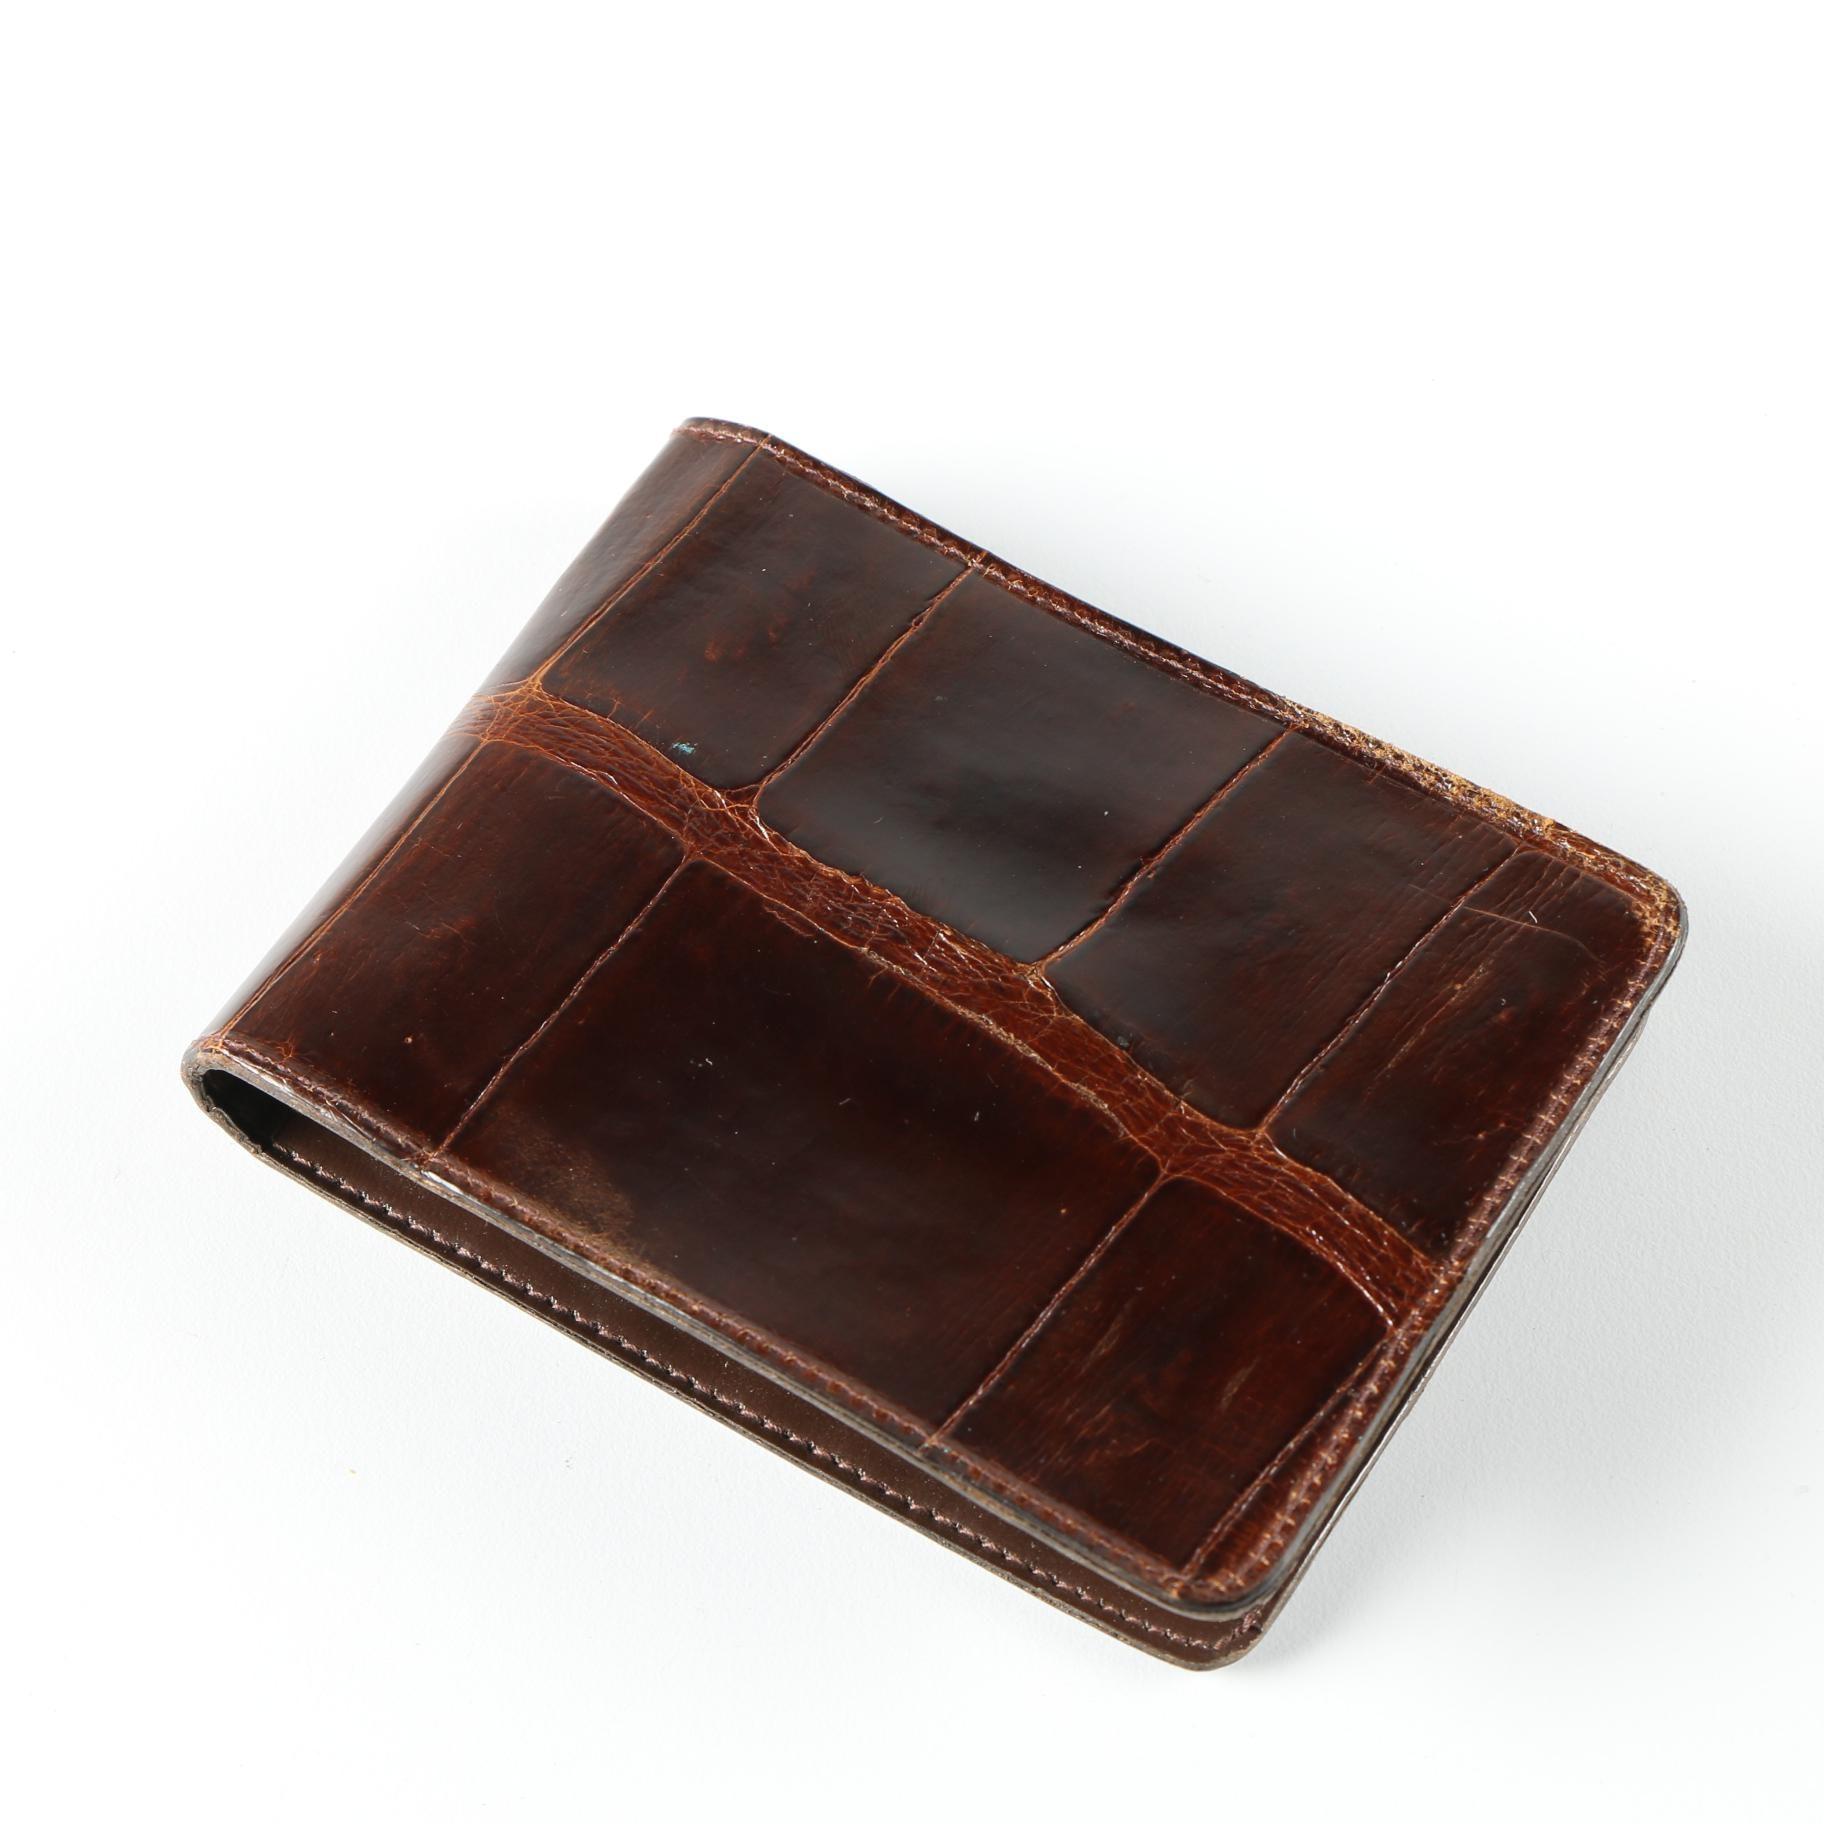 Vintage Alligator Leather Wallet